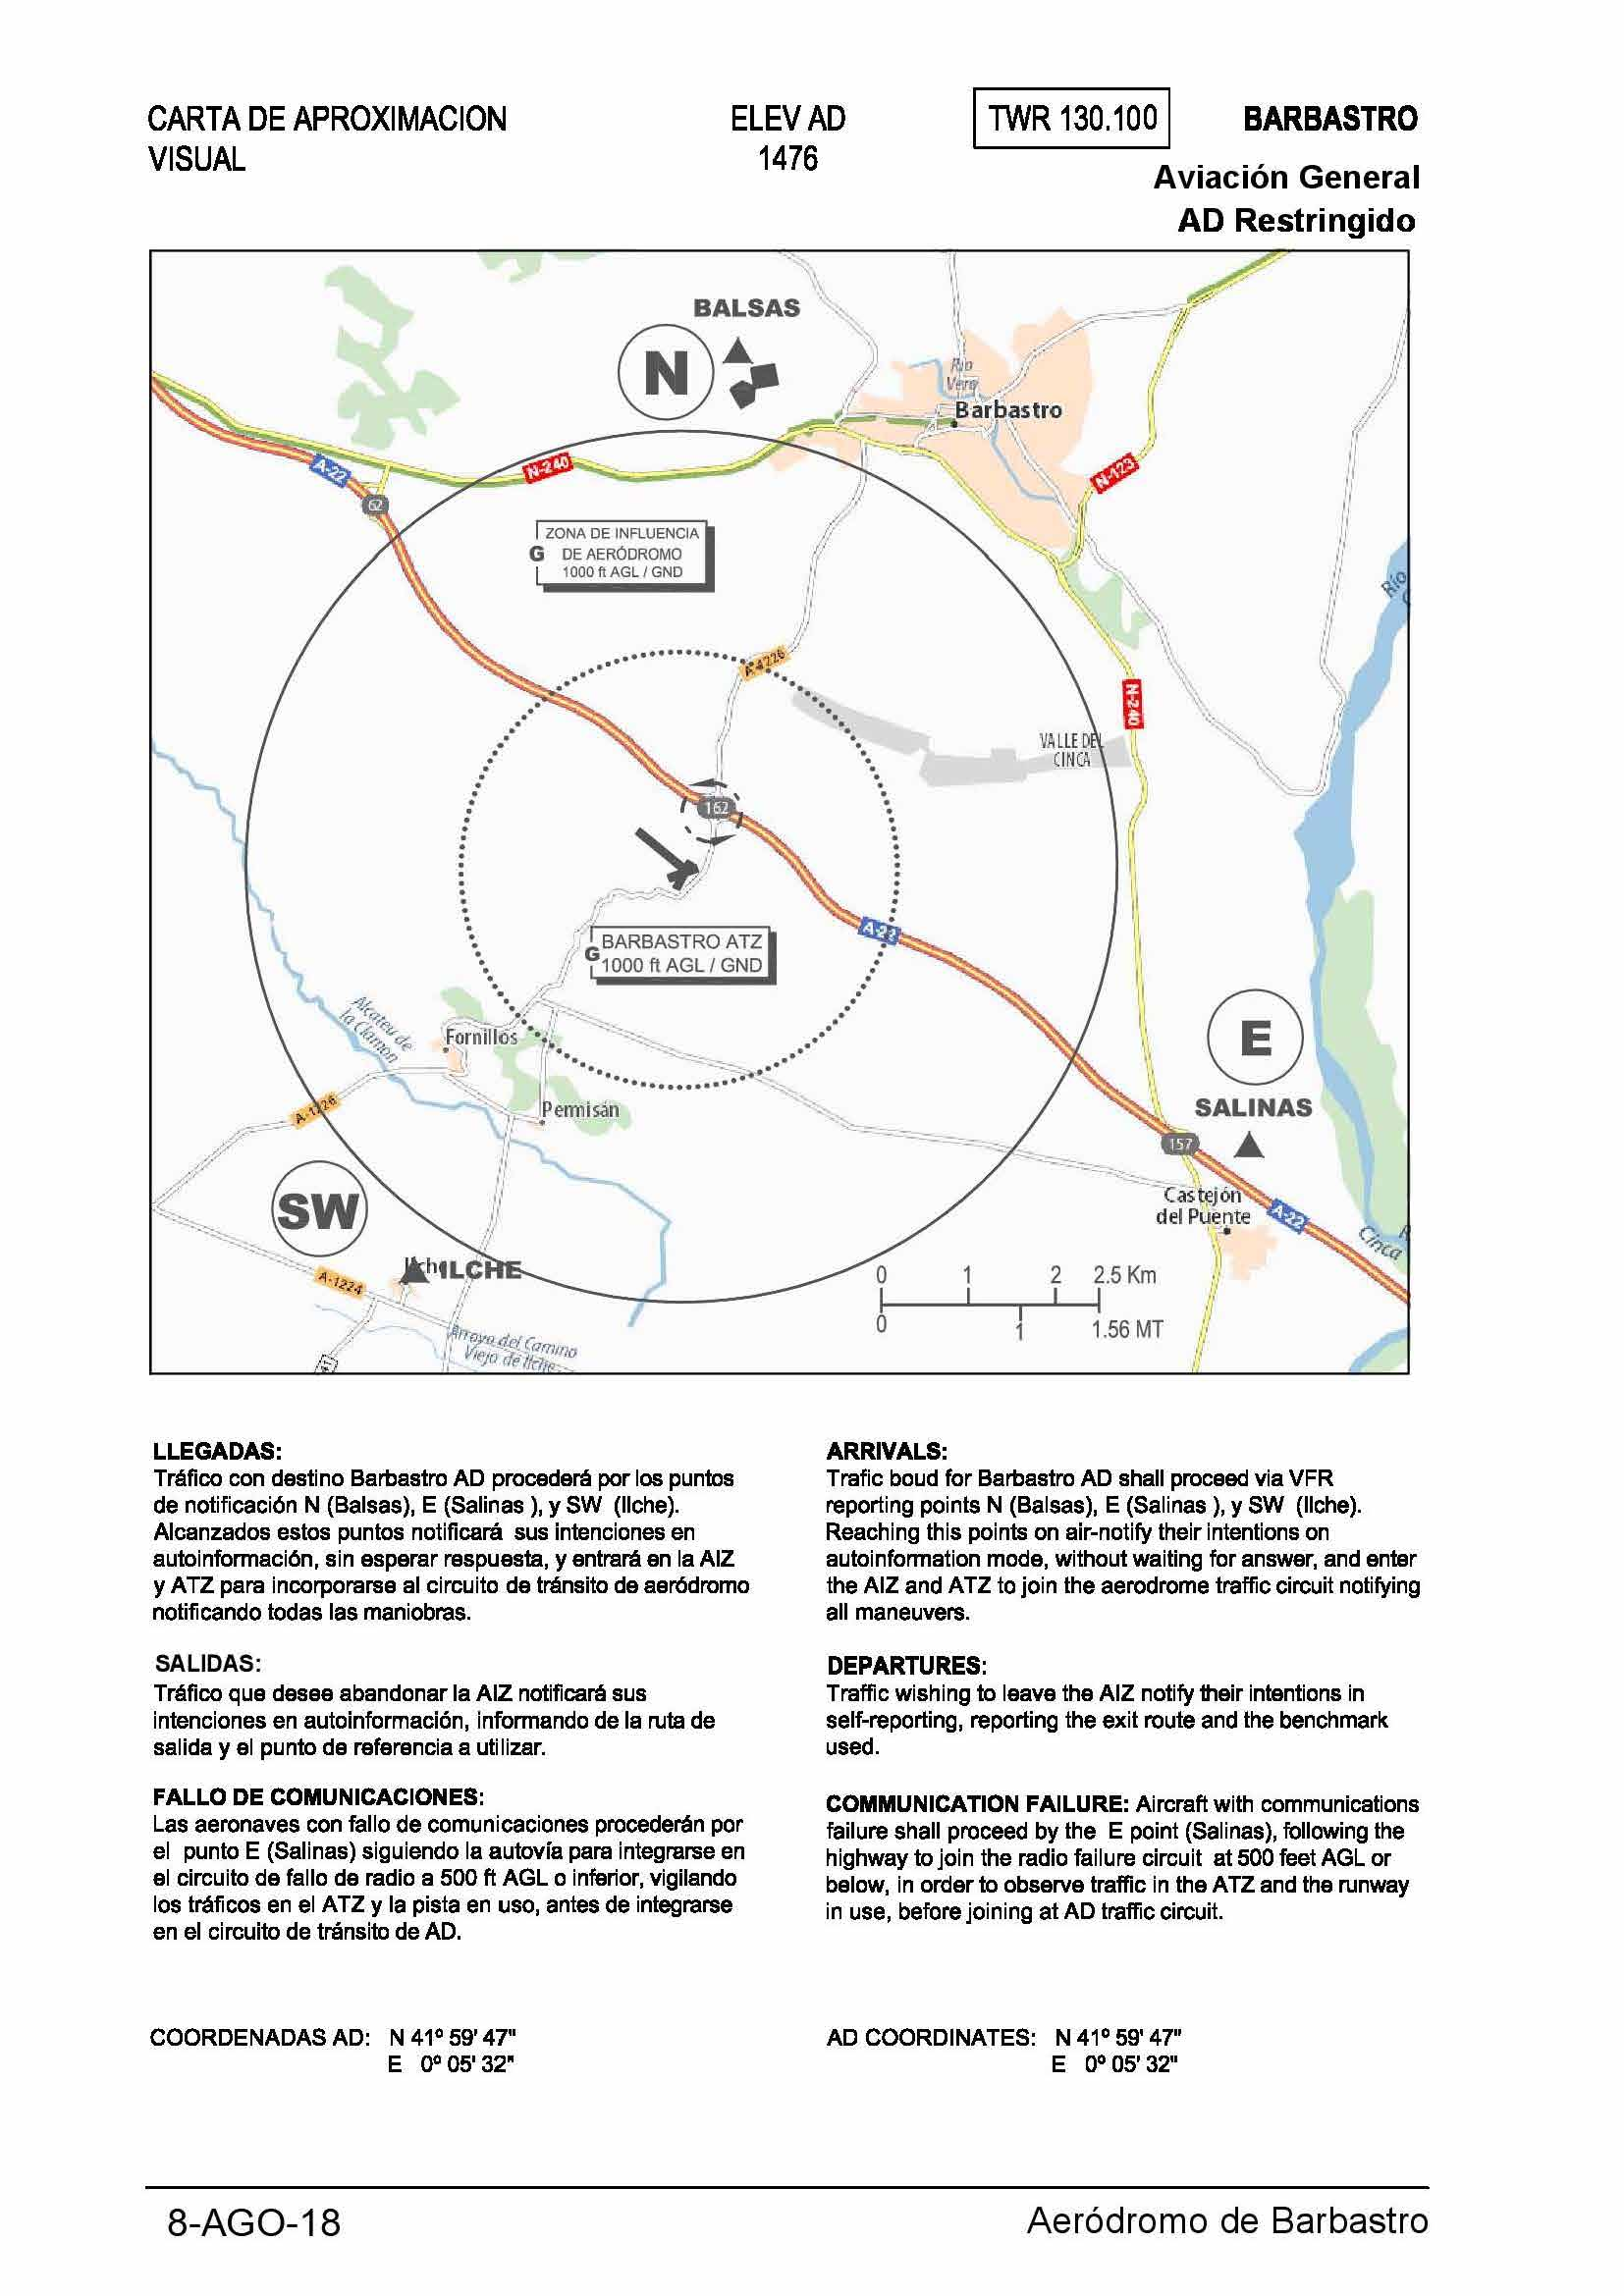 Carta de aproximación visual aeródromo de Barbastro